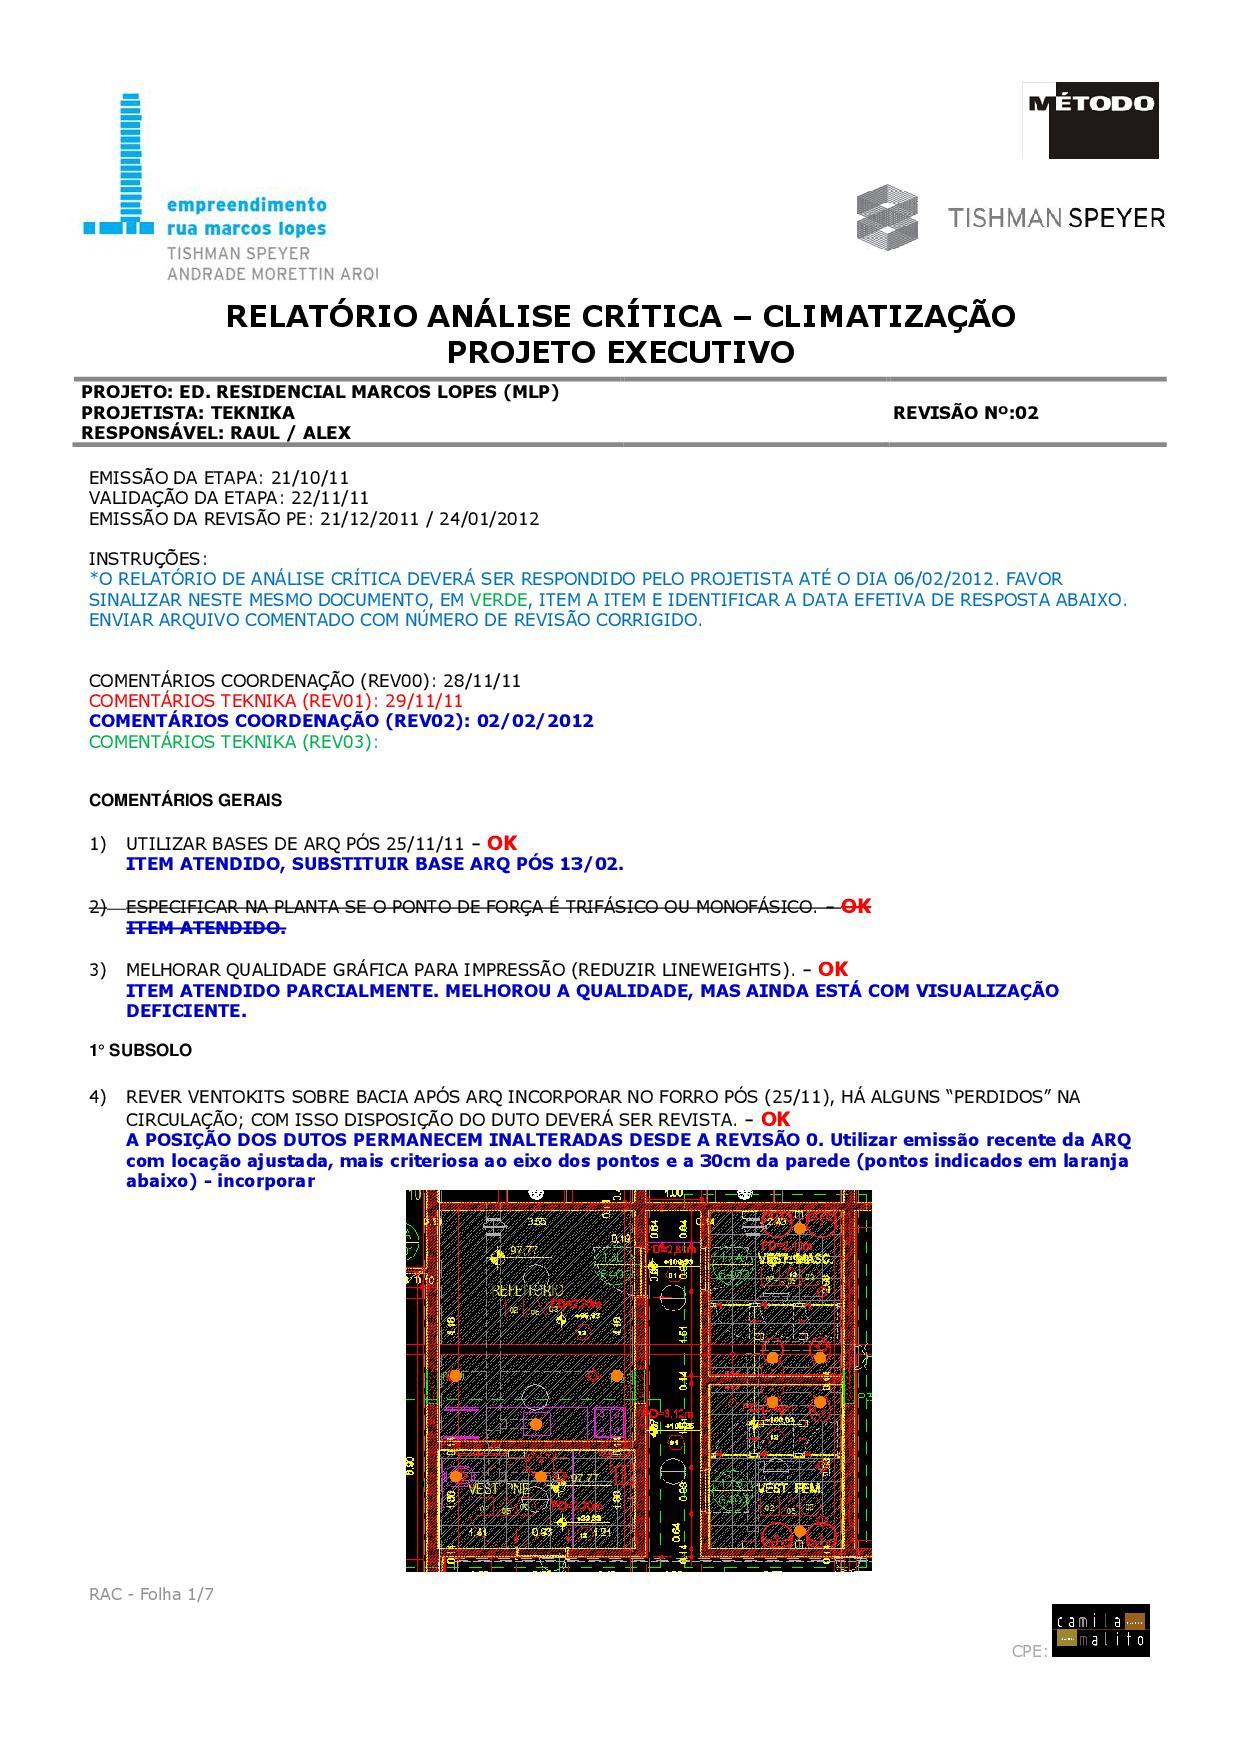 ref_relatorio analise critica